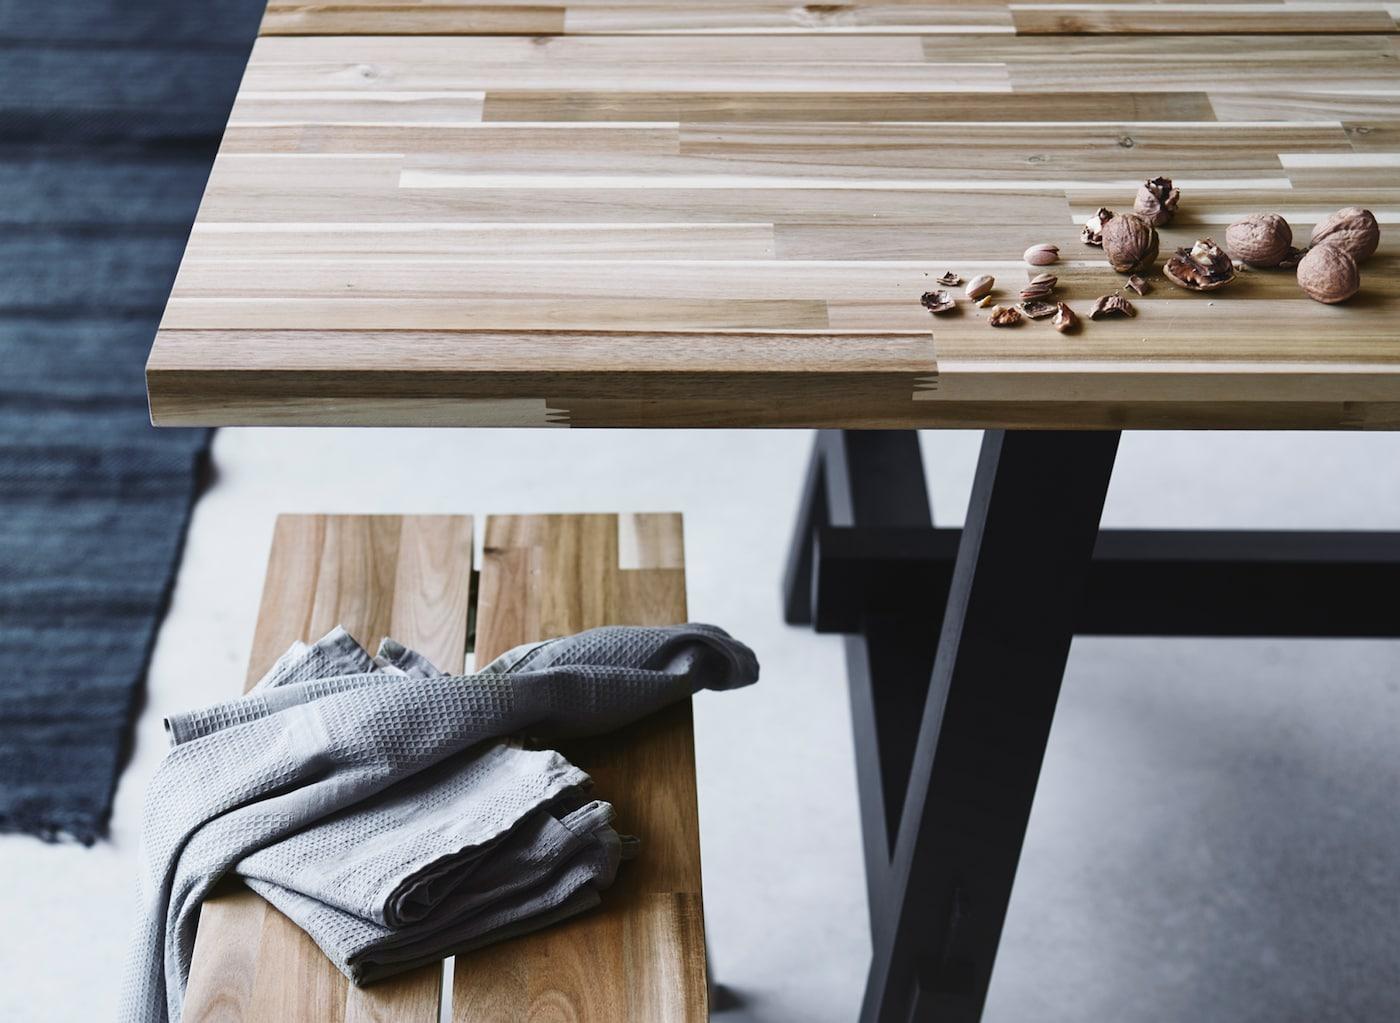 Ett rektangulärt SKOGSTA-matbord och bänk i skandinavisk stil som är tillverkat av trä med variationer i fiber och färg.